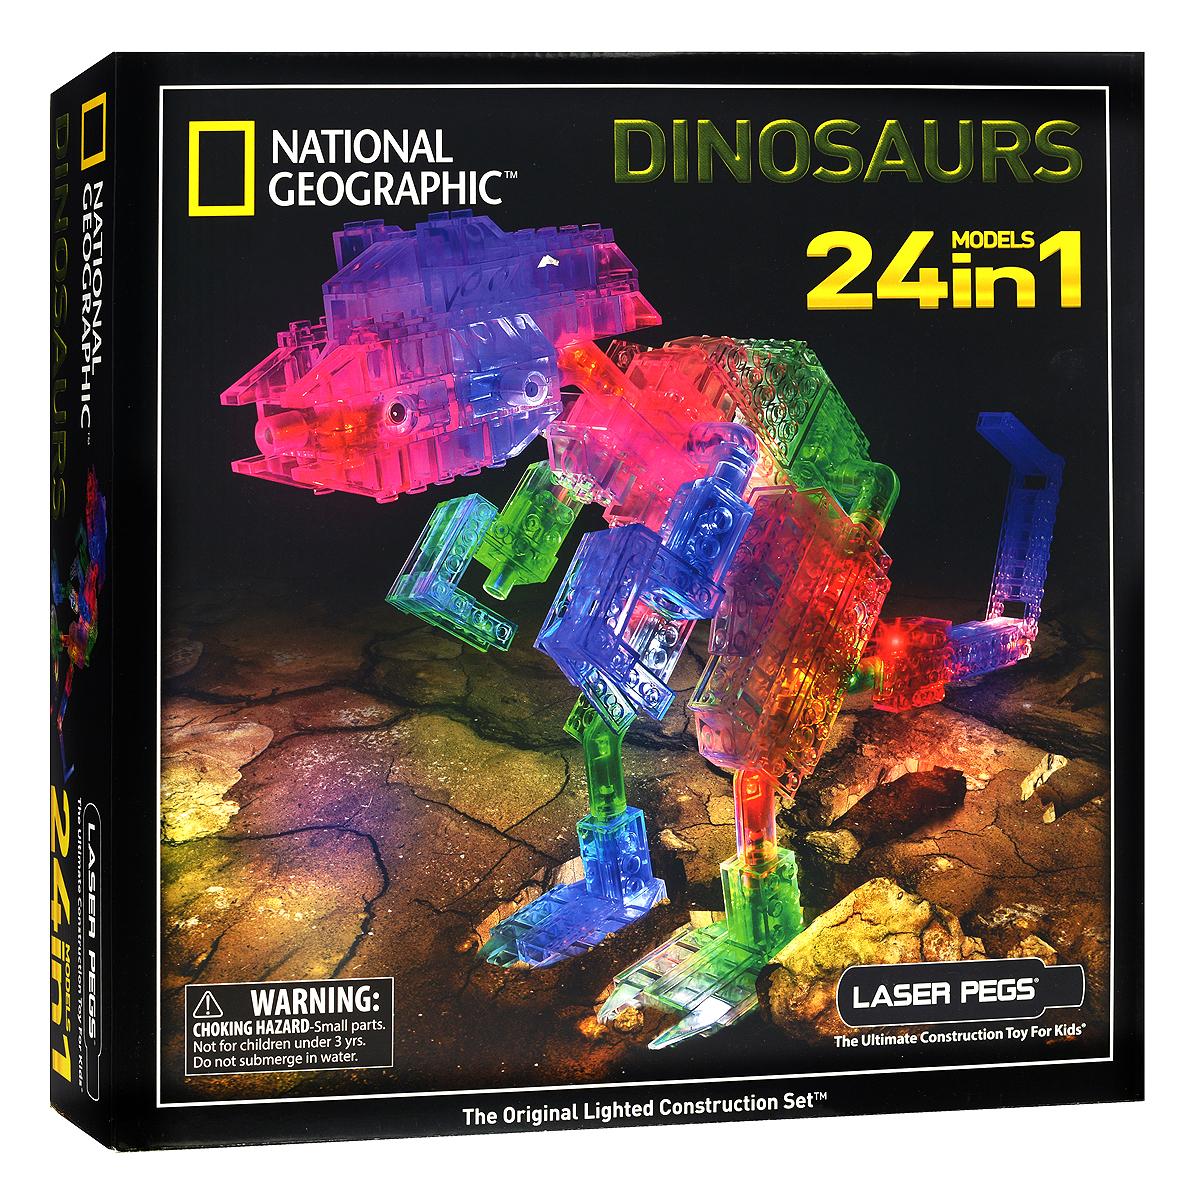 Laser Pegs Конструктор Динозавры 24 в 1NG300Постройте свою неповторимую модель и включите двигатель! Яркий конструктор Laser Pegs Динозавры - отличный подарок для вашего ребенка. С помощью такого конструктора он сможет собрать 24 разные фигурки динозавров! В комплекте вы также найдете базу питания, при включении которой подсвечивается вся построенная конструкция, и схематичную инструкцию по сборке. Соединяйте этот набор с другими конструкторами Laser Pegs Lego или Magformers и стройте без ограничения! Новые виды транспорта, фантастические монстры и волшебные животные - все это становится возможным. Конструктор Laser Pegs Динозавры - это органичное сочетание классики и новых технологий! Этот конструктор придется по душе каждому - одни останутся довольными высоким качеством изделия, вторых порадуют отличные развивающие функции, третьих приведет в восторг оригинальная идея подсветки конструктора! Игры с конструкторами способствуют формированию творческих, пространственных и логических навыков, развивают...